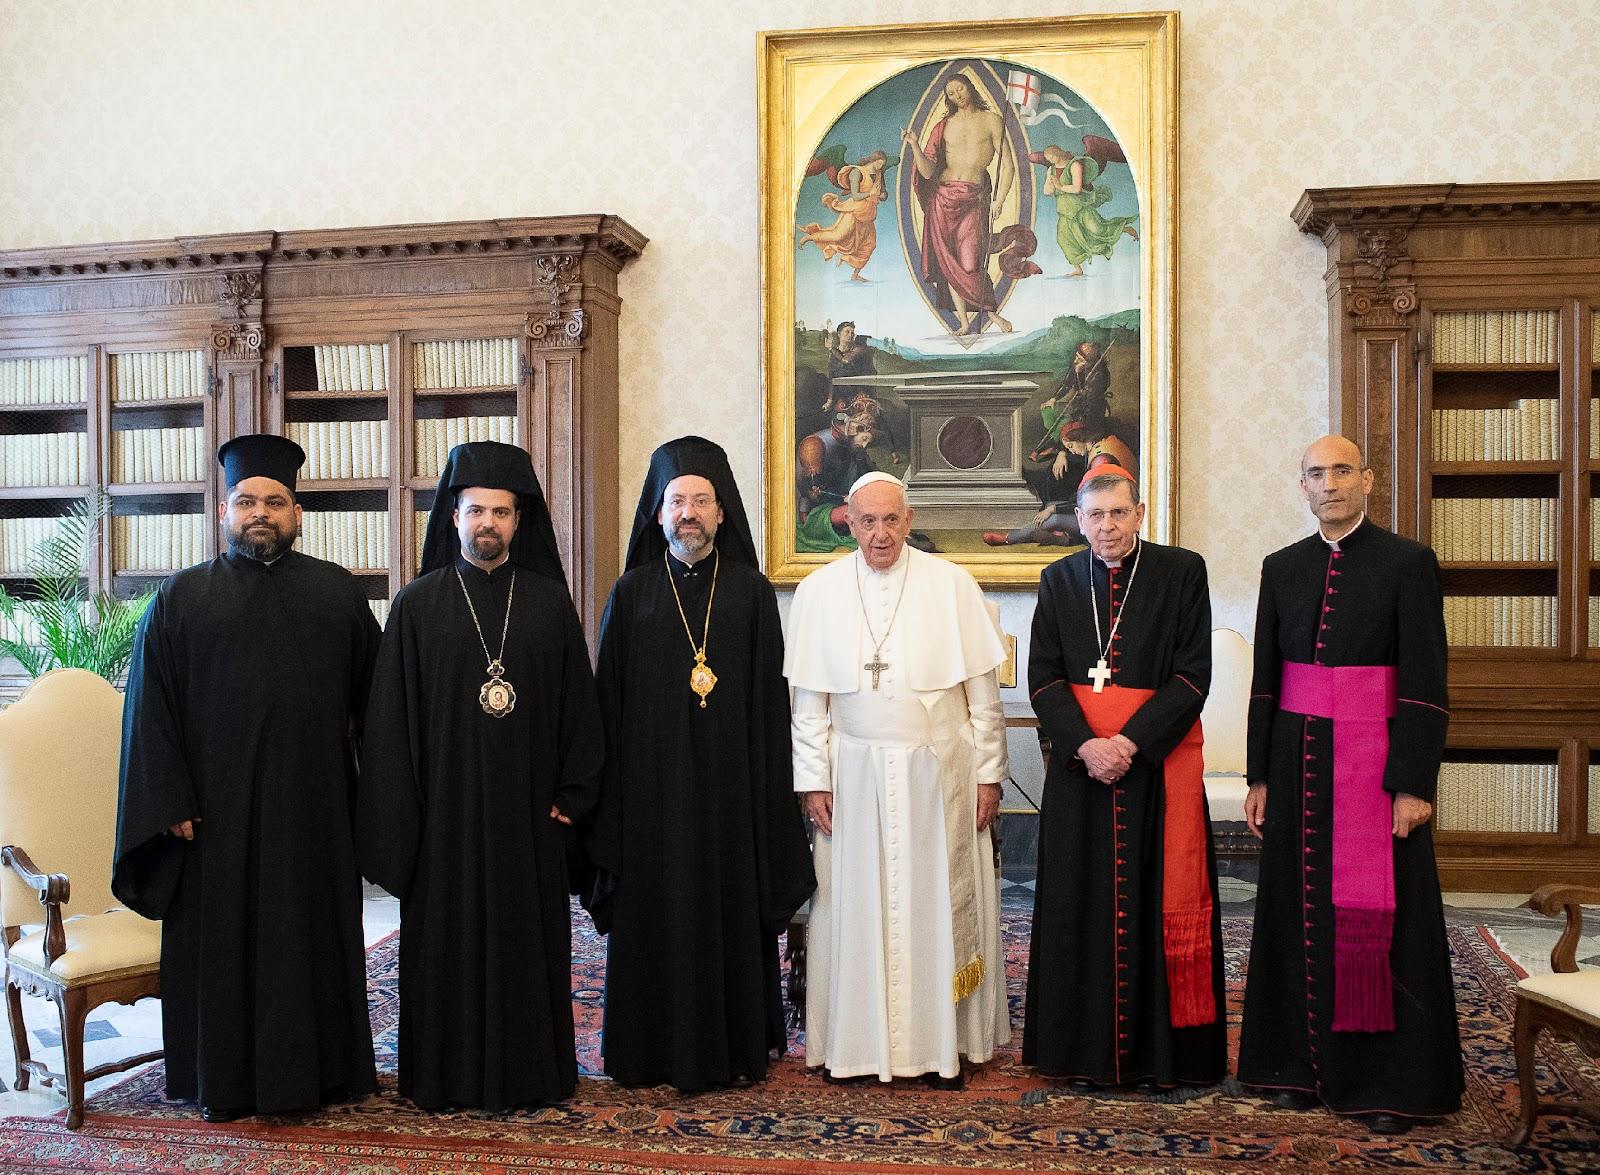 Đức Thánh Cha Phanxico tiếp phái đoàn Thượng phụ Đại kết